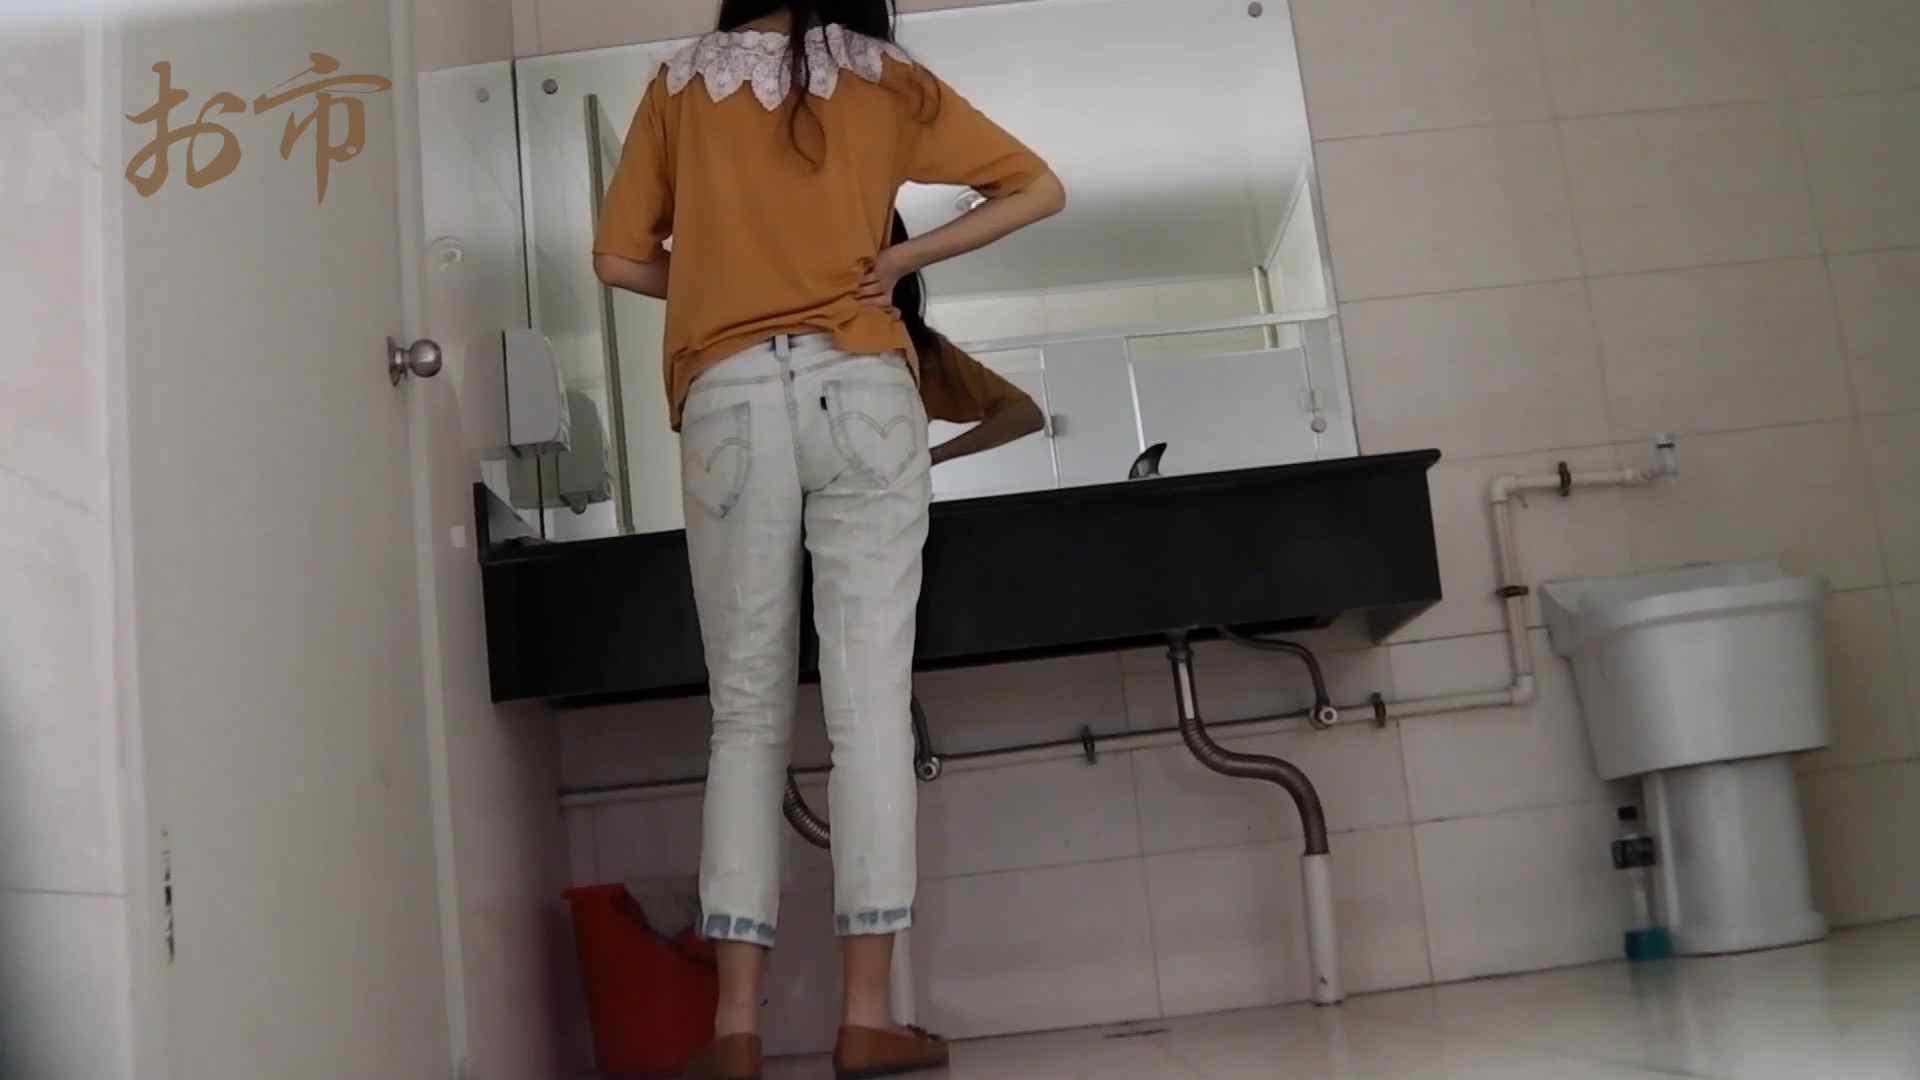 潜入!!台湾名門女学院 Vol.12 長身モデル驚き見たことないシチュエーション 盗撮で悶絶 AV無料 84画像 6